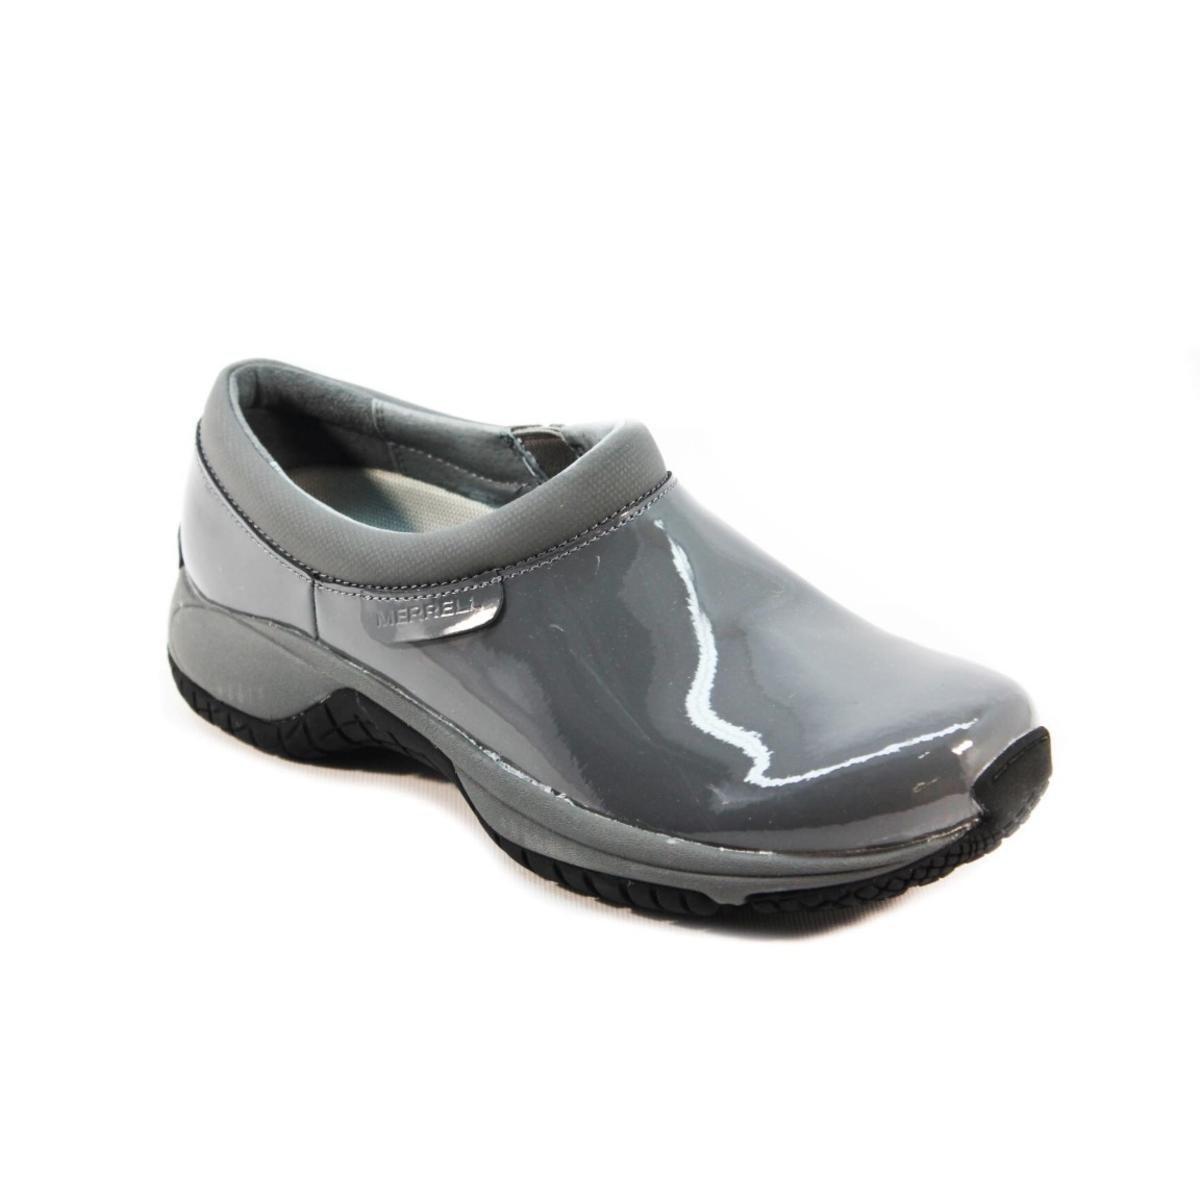 0df59649 Merrell SureGrip Womens Encore Moc SG Castle Rock Casual Work Shoes ...